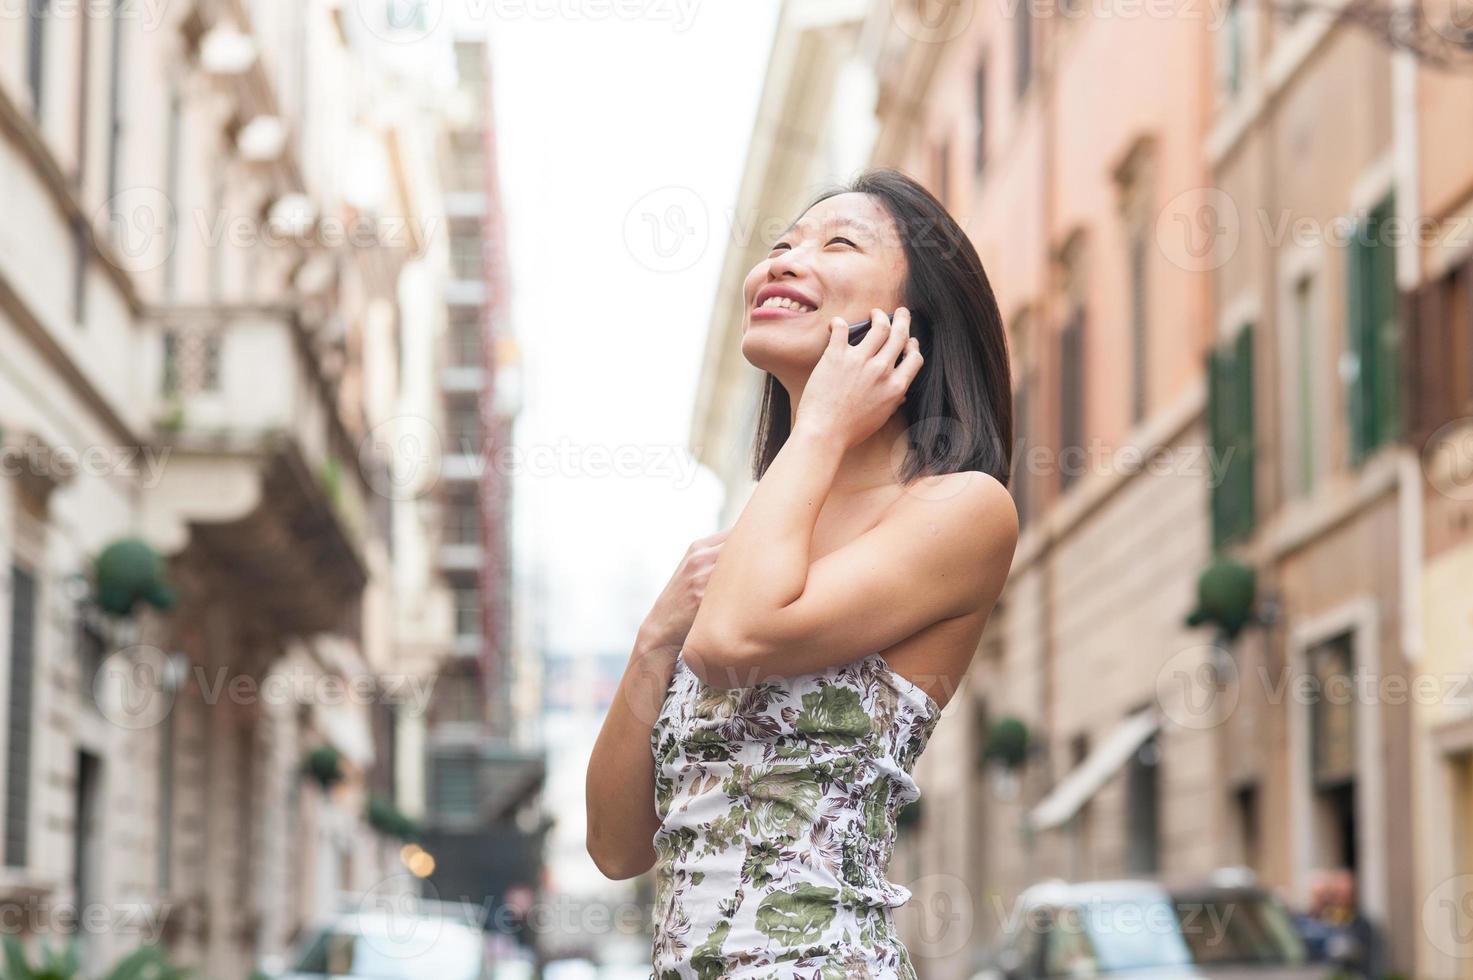 vacker asiatisk kvinna leende med mobiltelefon våren urban utomhus foto